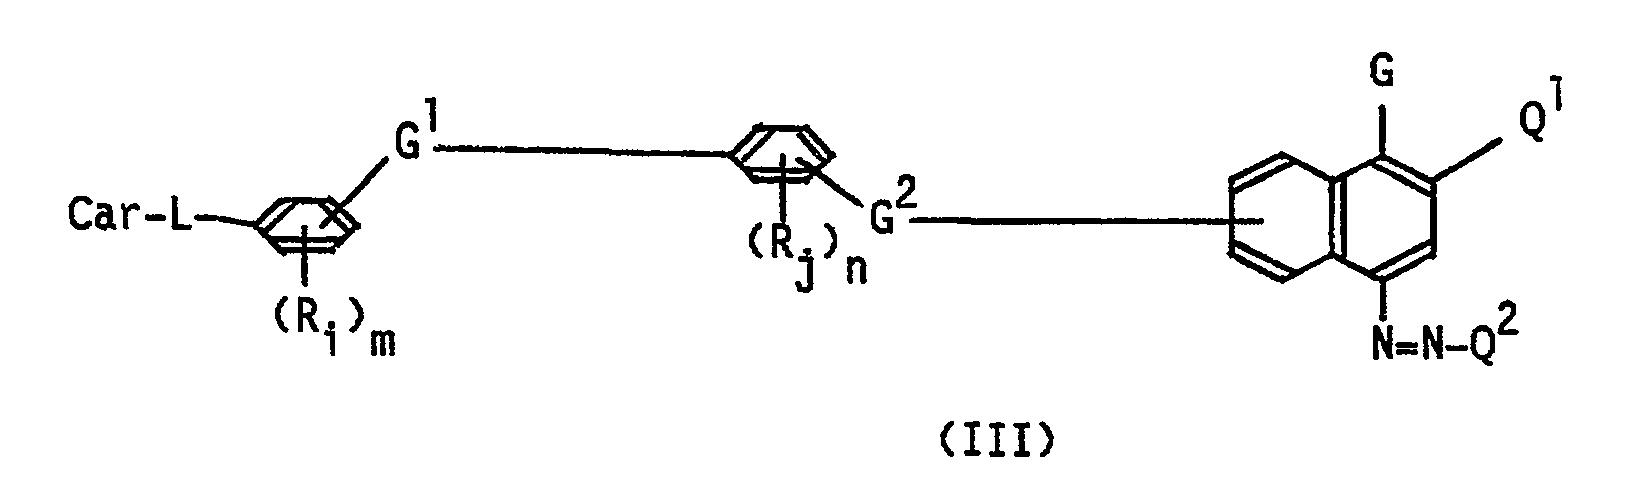 irfr220n电路图的画法